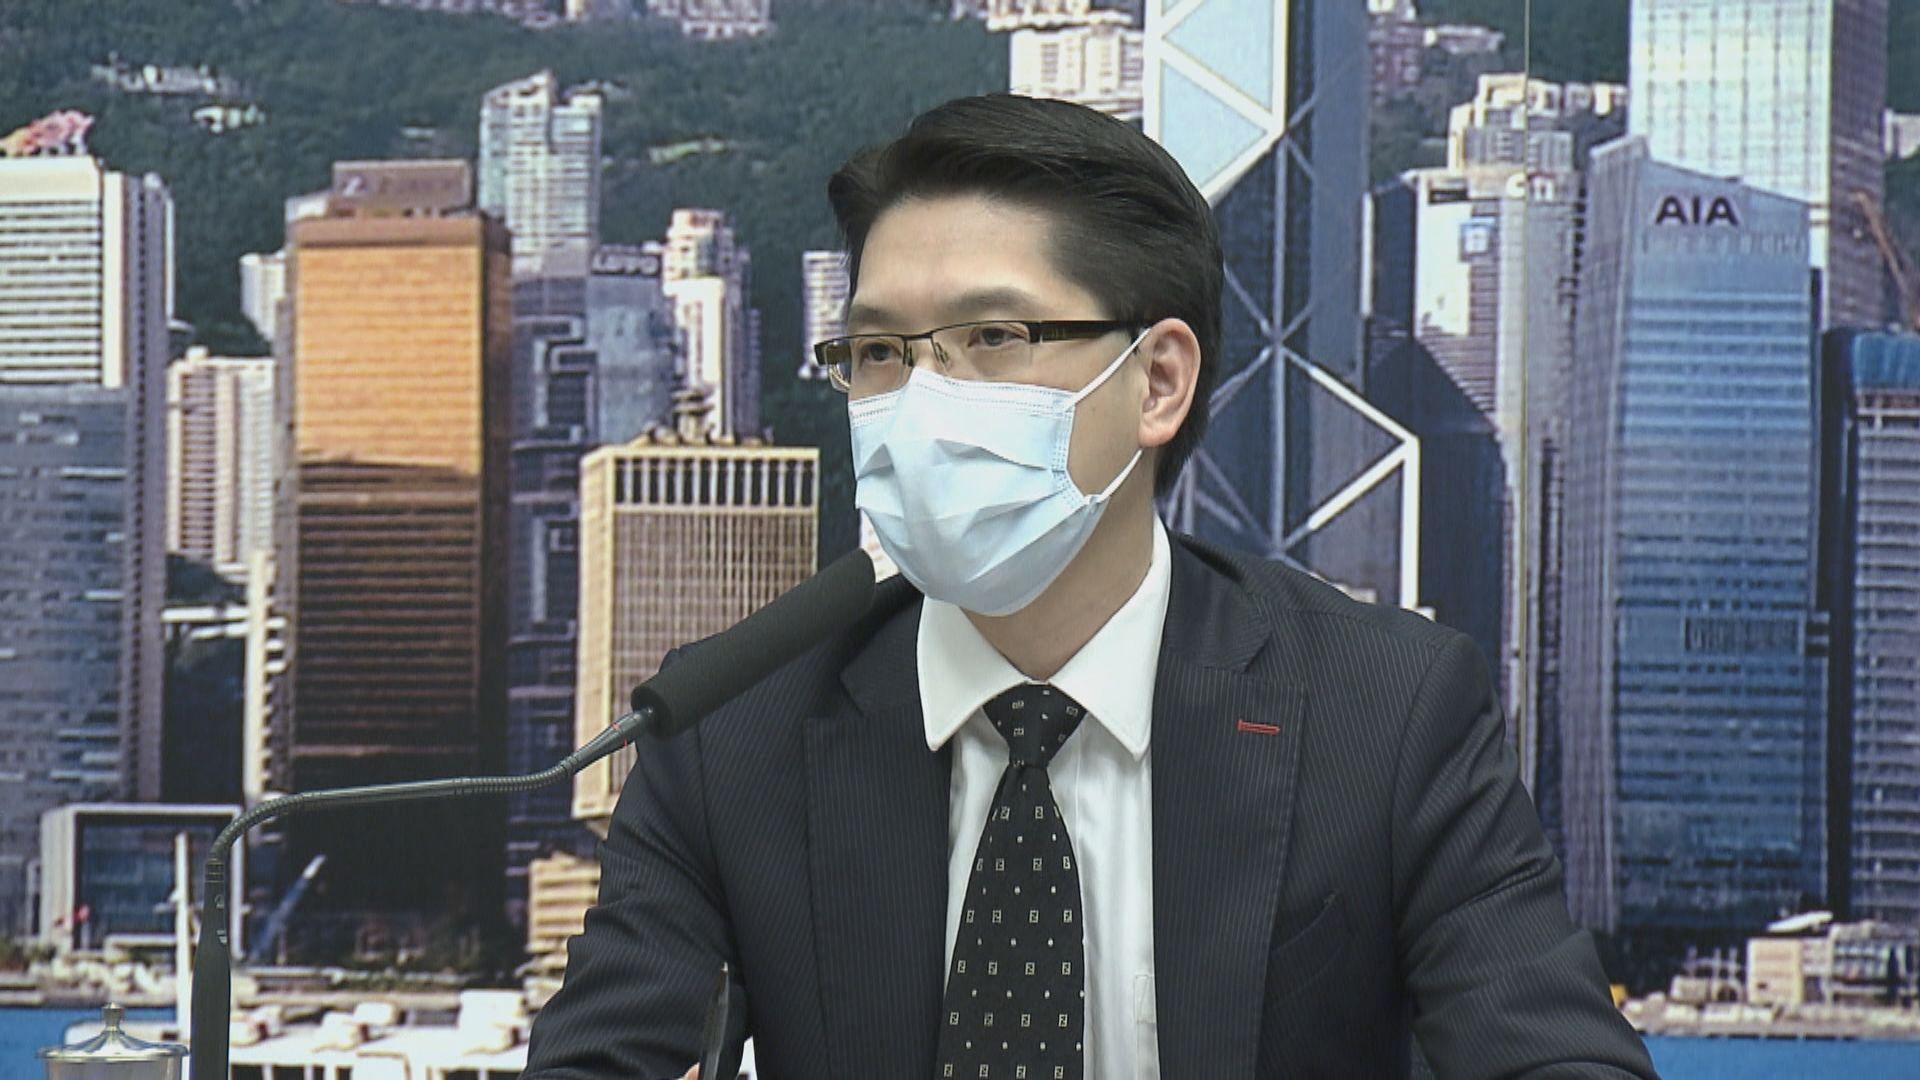 醫管局:暫無計劃重用經消毒N95口罩